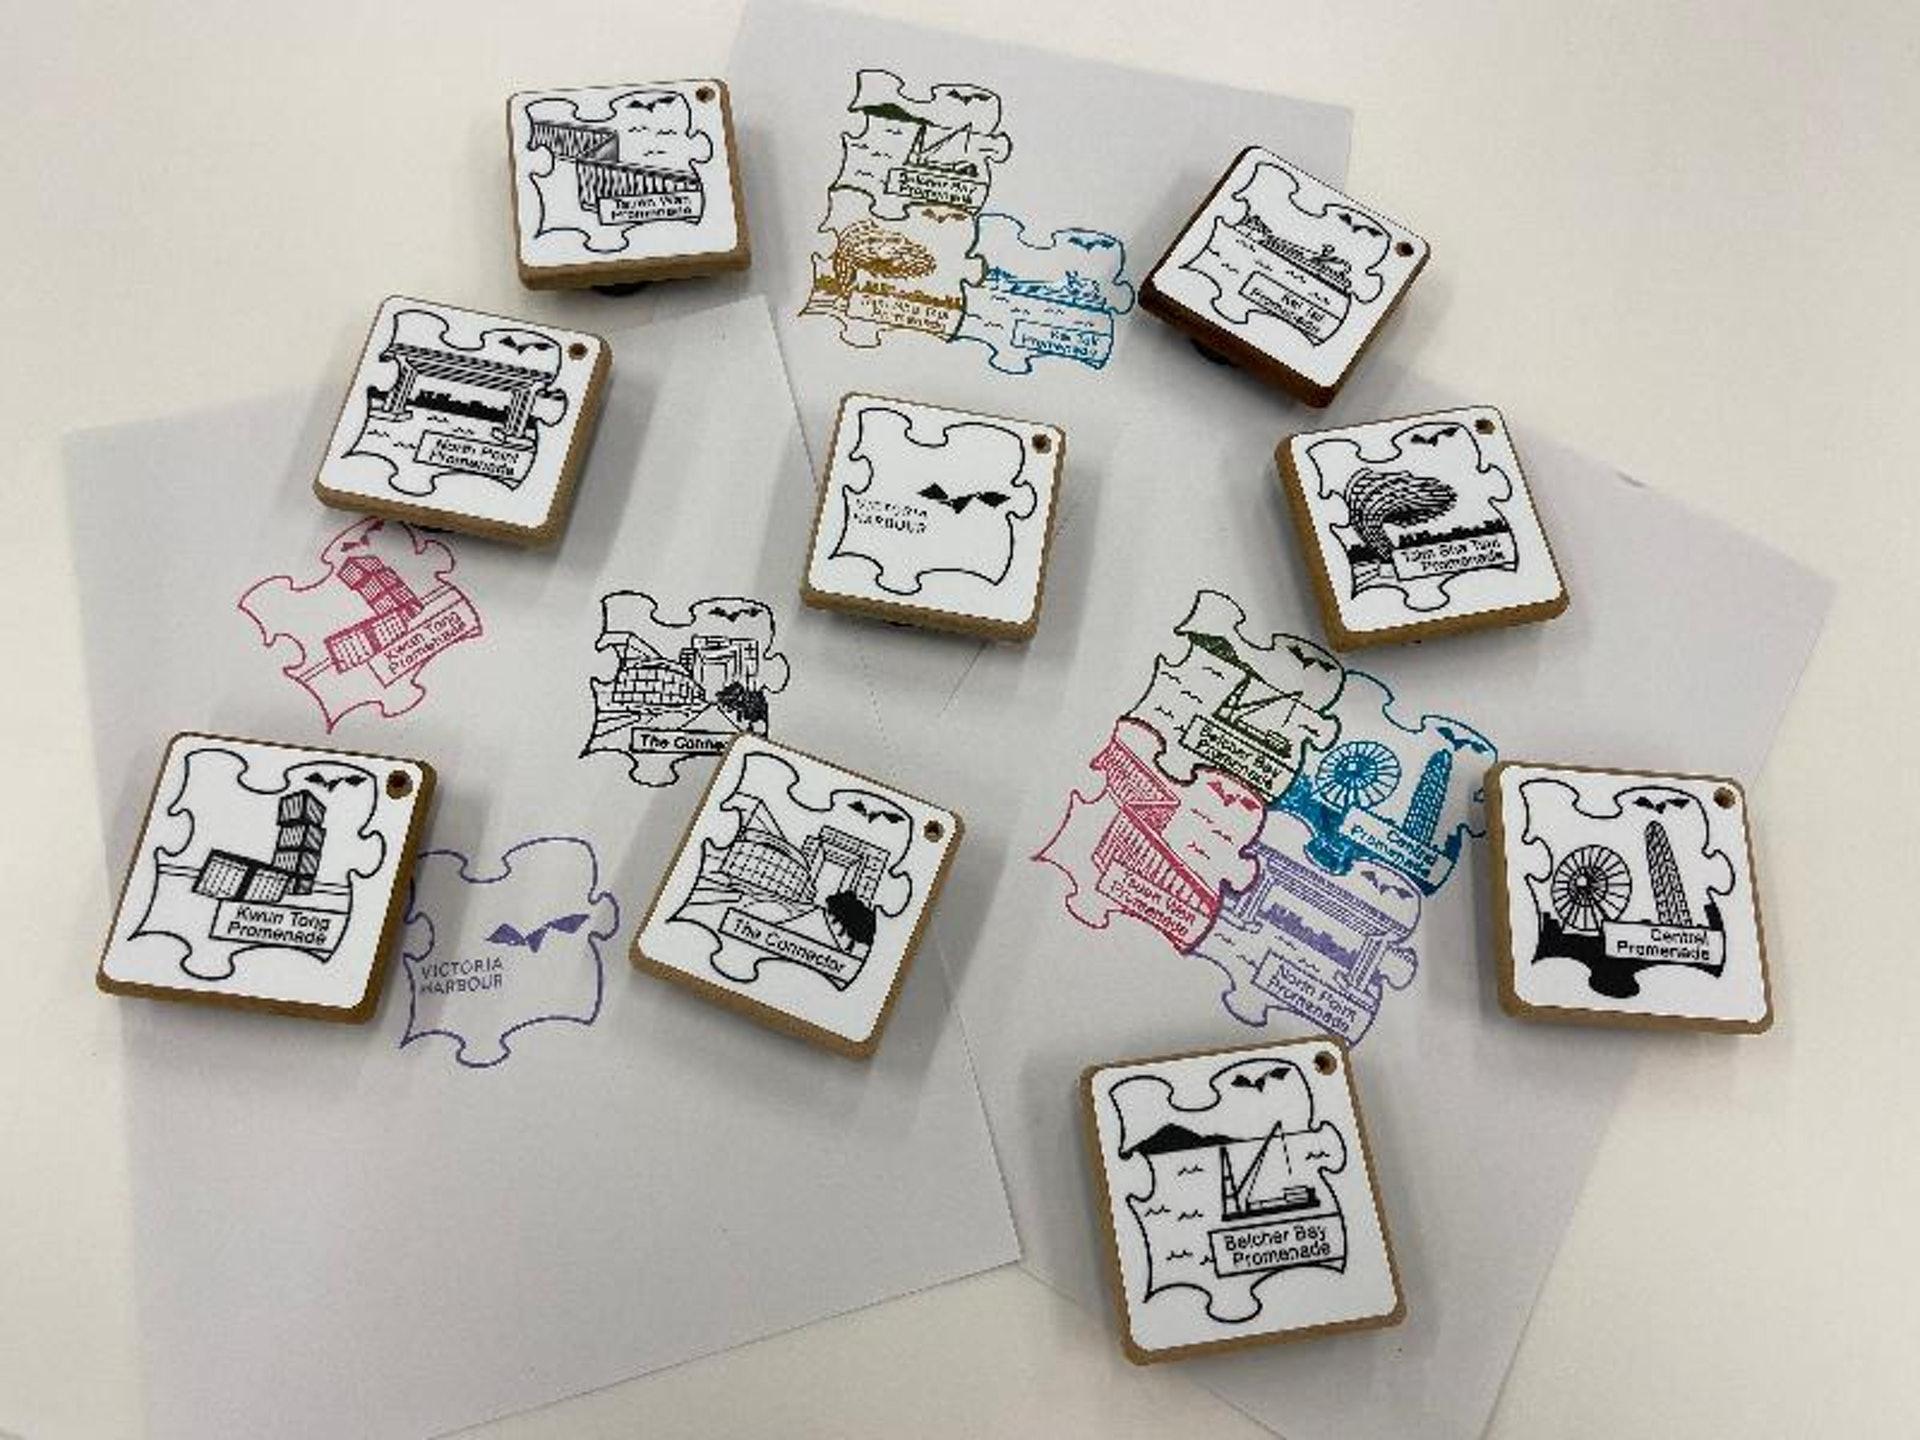 仲有最新推出的印章裝置可以集郵,最適合小朋友玩樂。(政府新聞處)